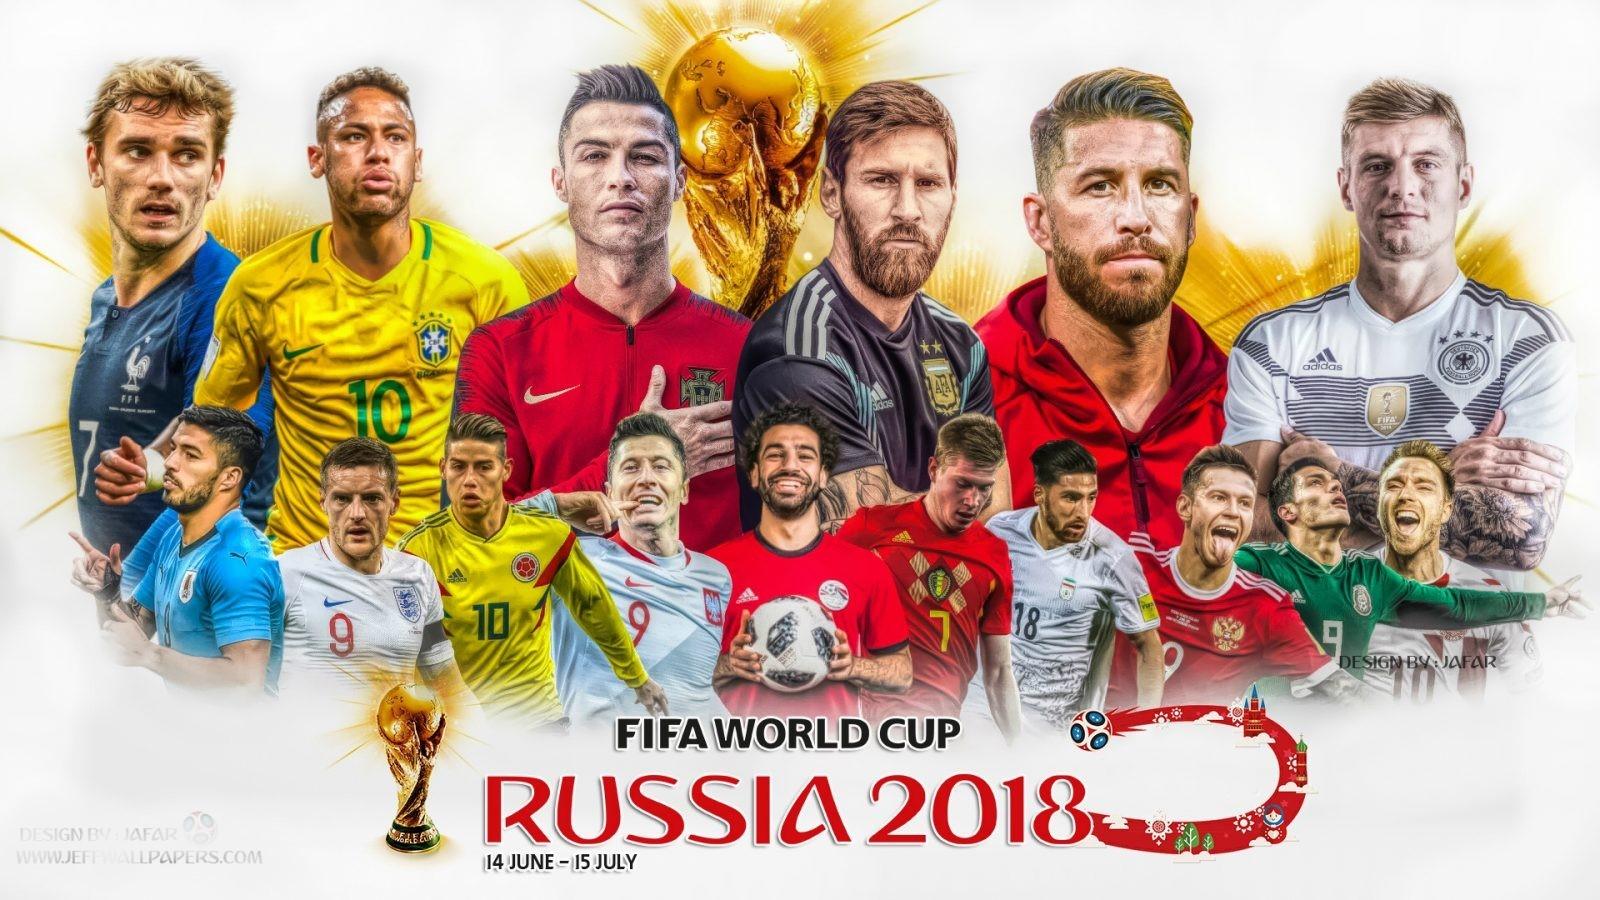 Világbajnokság 2018 - Oroszország